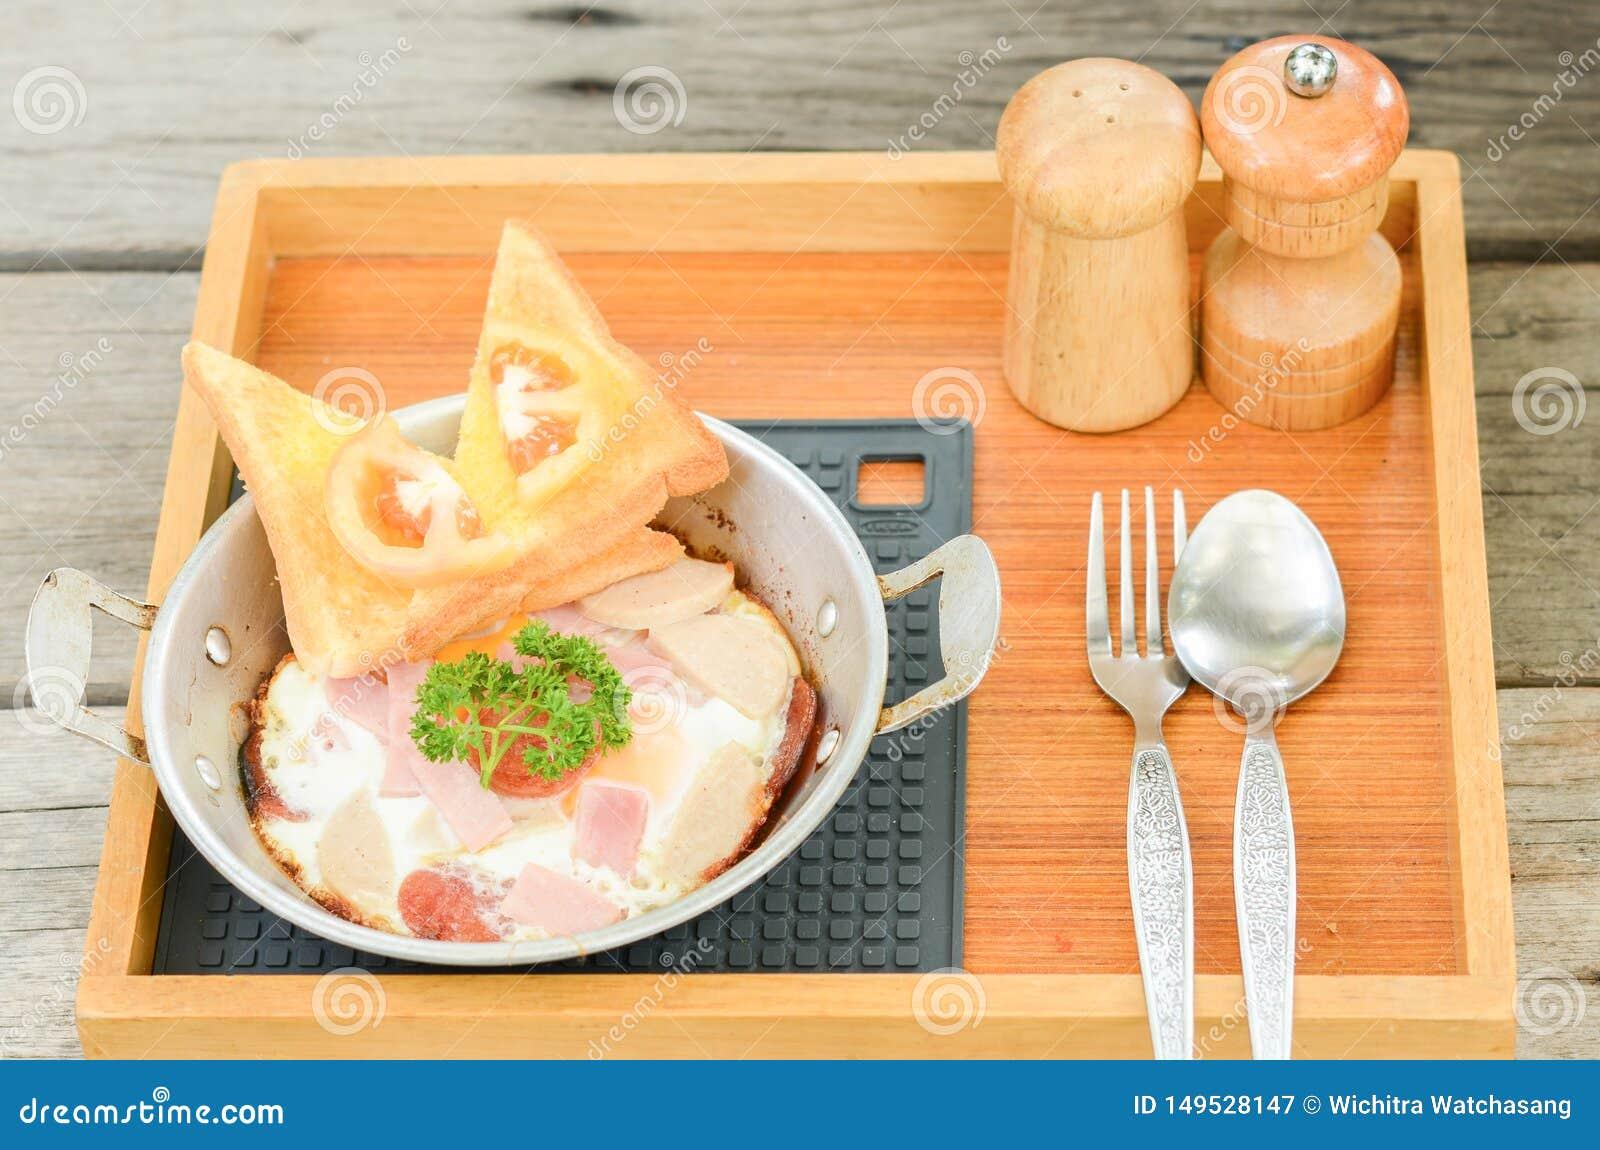 Pan-gebratenes Ei mit Belägen auf hölzernem Hintergrund Fr?hst?cksnahrung in der thail?ndischen Art